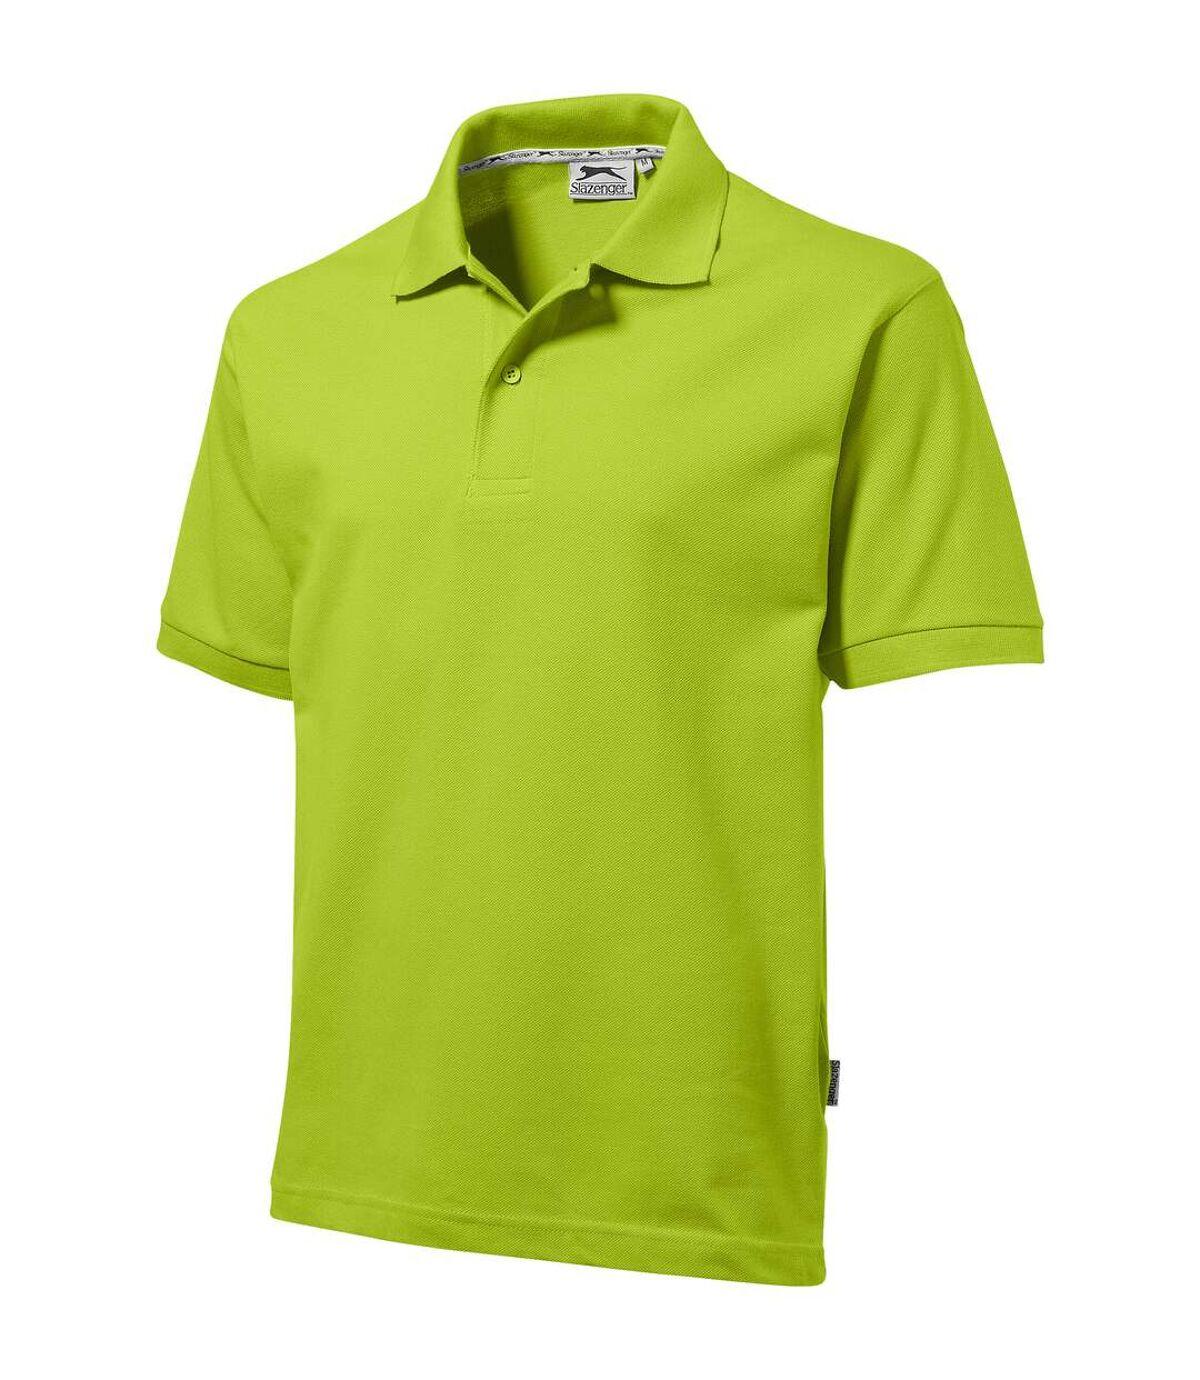 Slazenger Mens Forehand Short Sleeve Polo (Apple Green) - UTPF1800